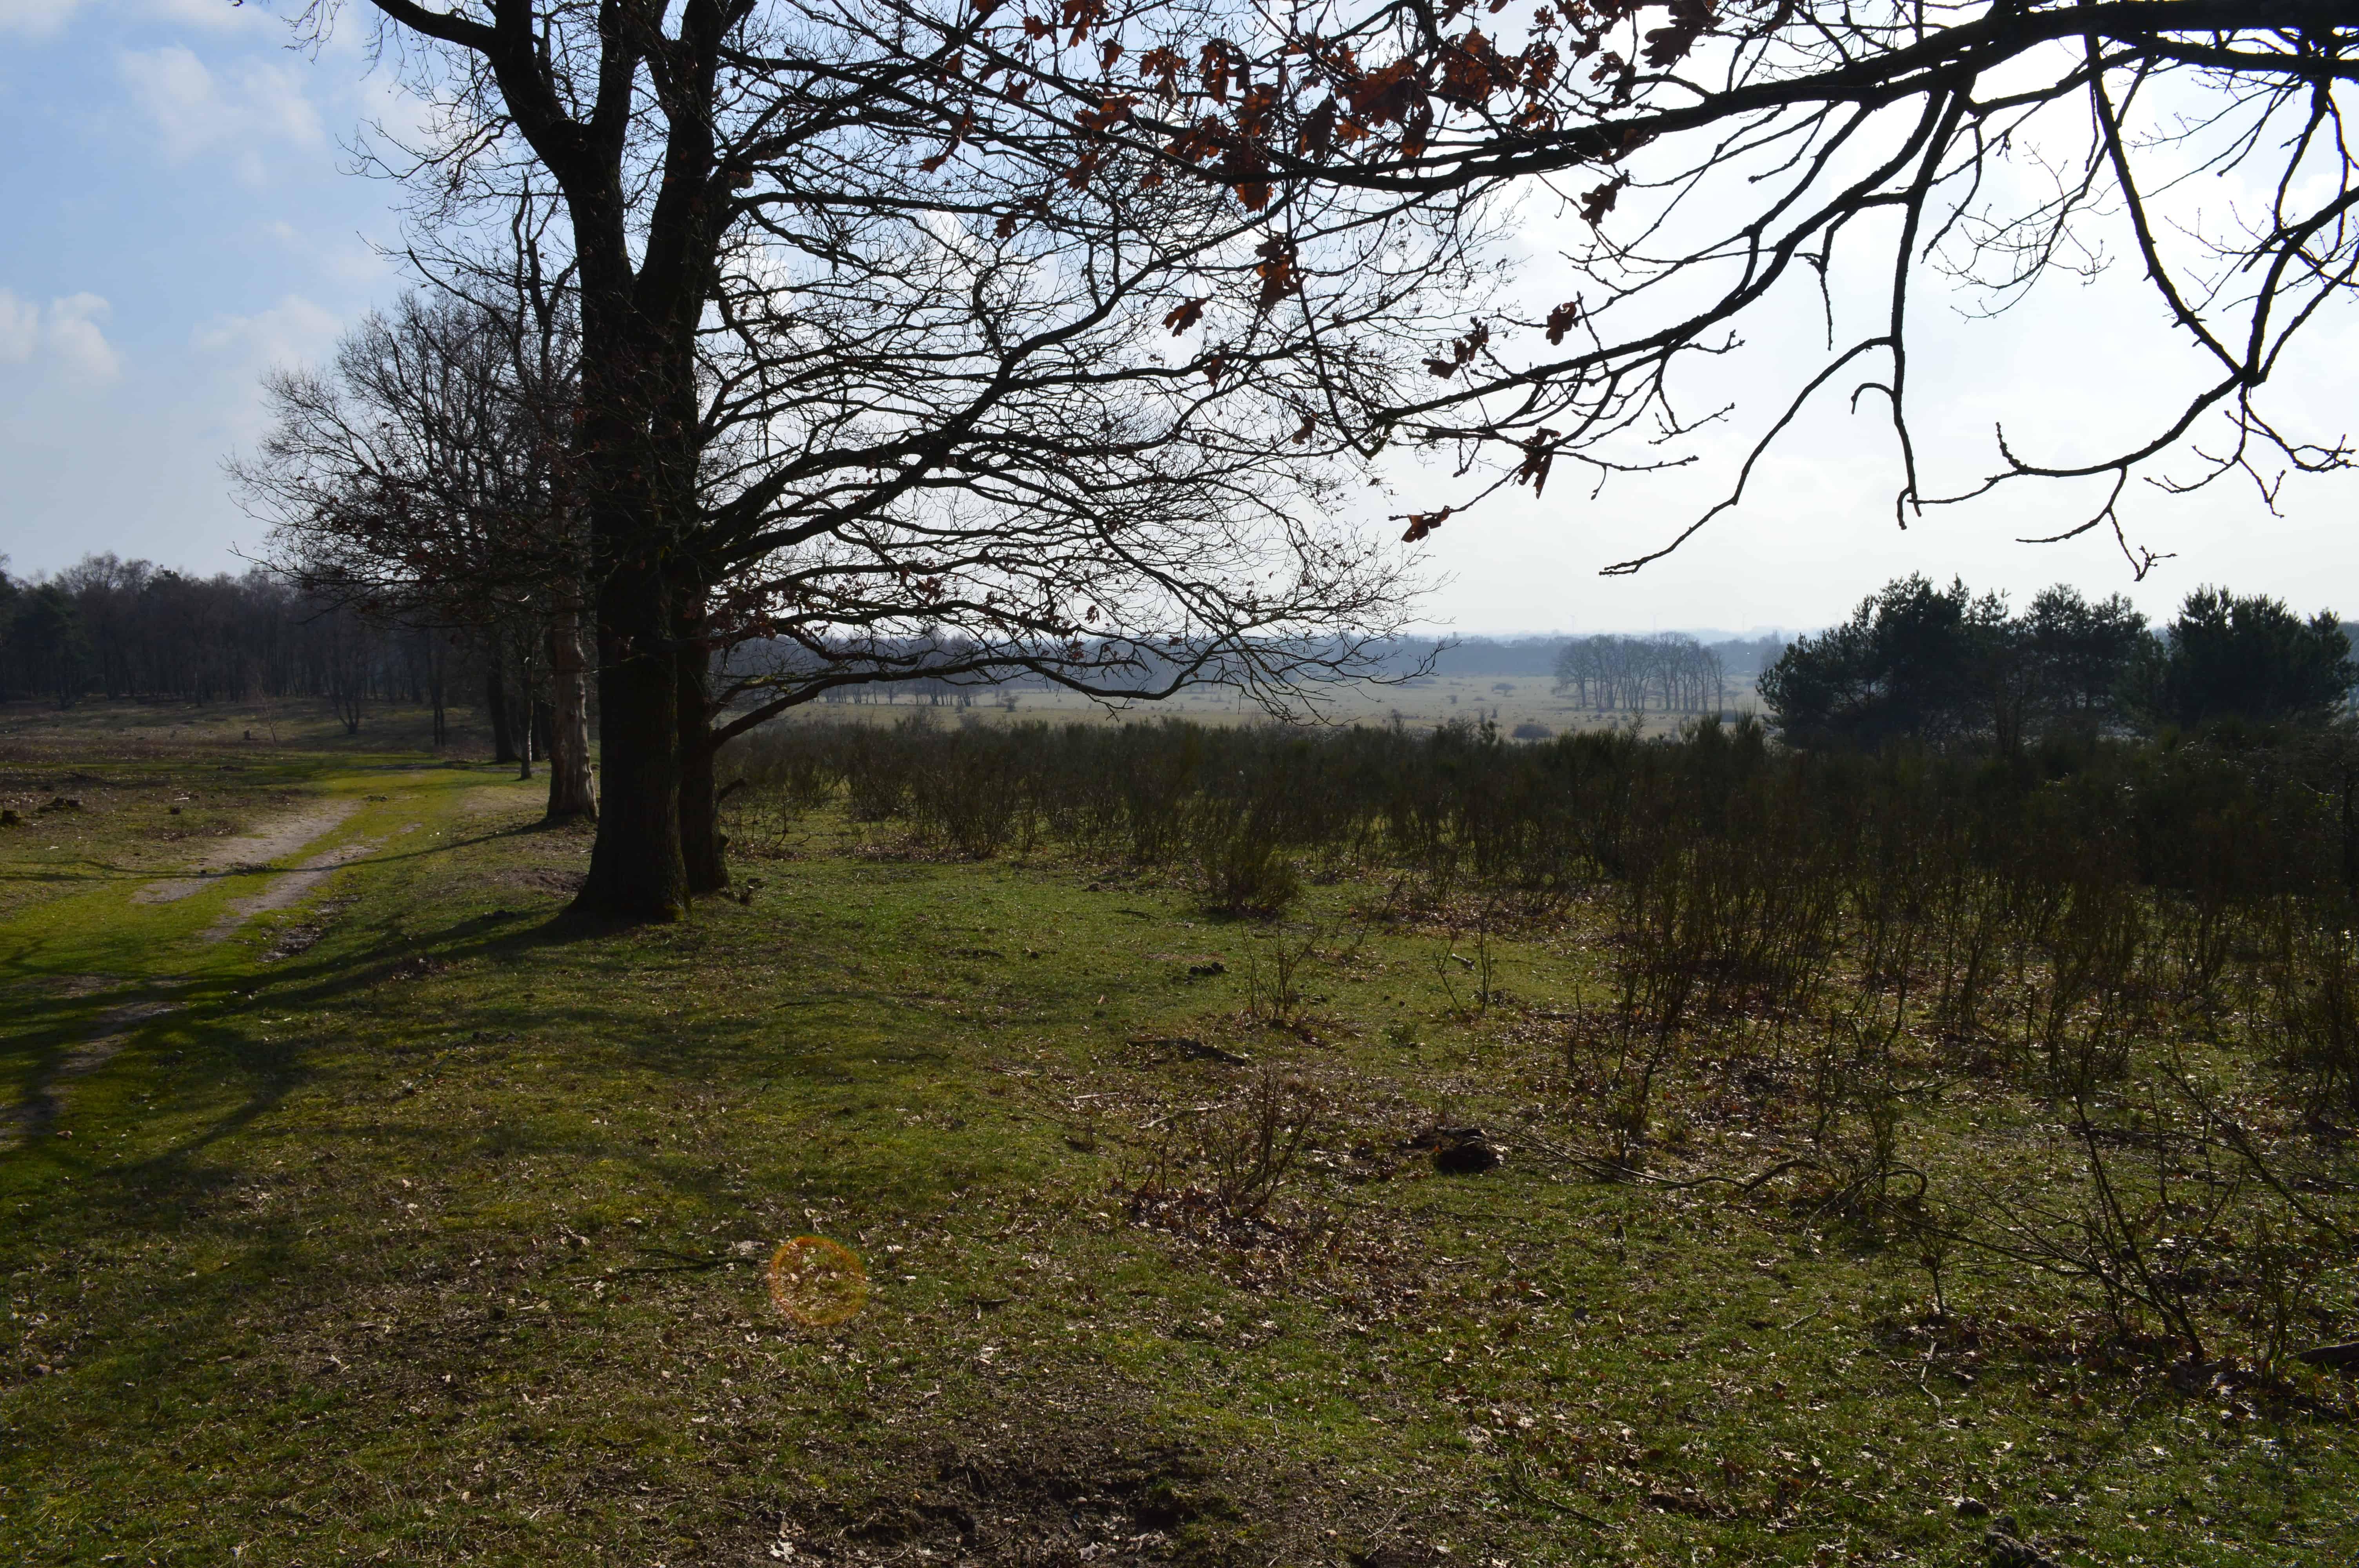 Plantage Willem 2 - Van Amerongen naar Rhenen - Trekvogelpad - HappyHikers